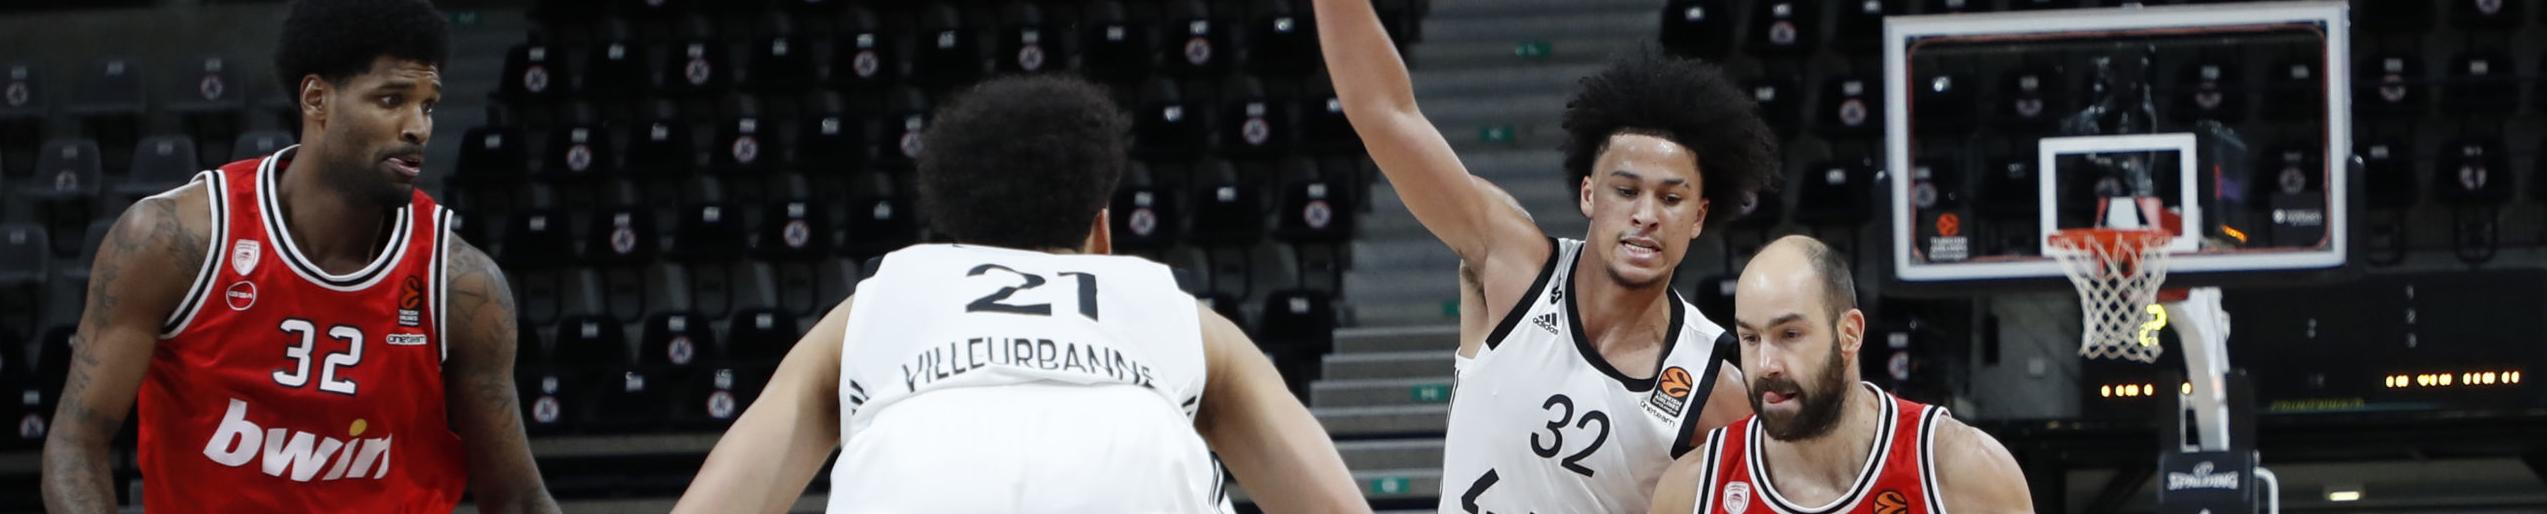 Αρμάνι - Ολυμπιακός: Ο δρόμος για τα Playoffs περνά από το Μιλάνο!